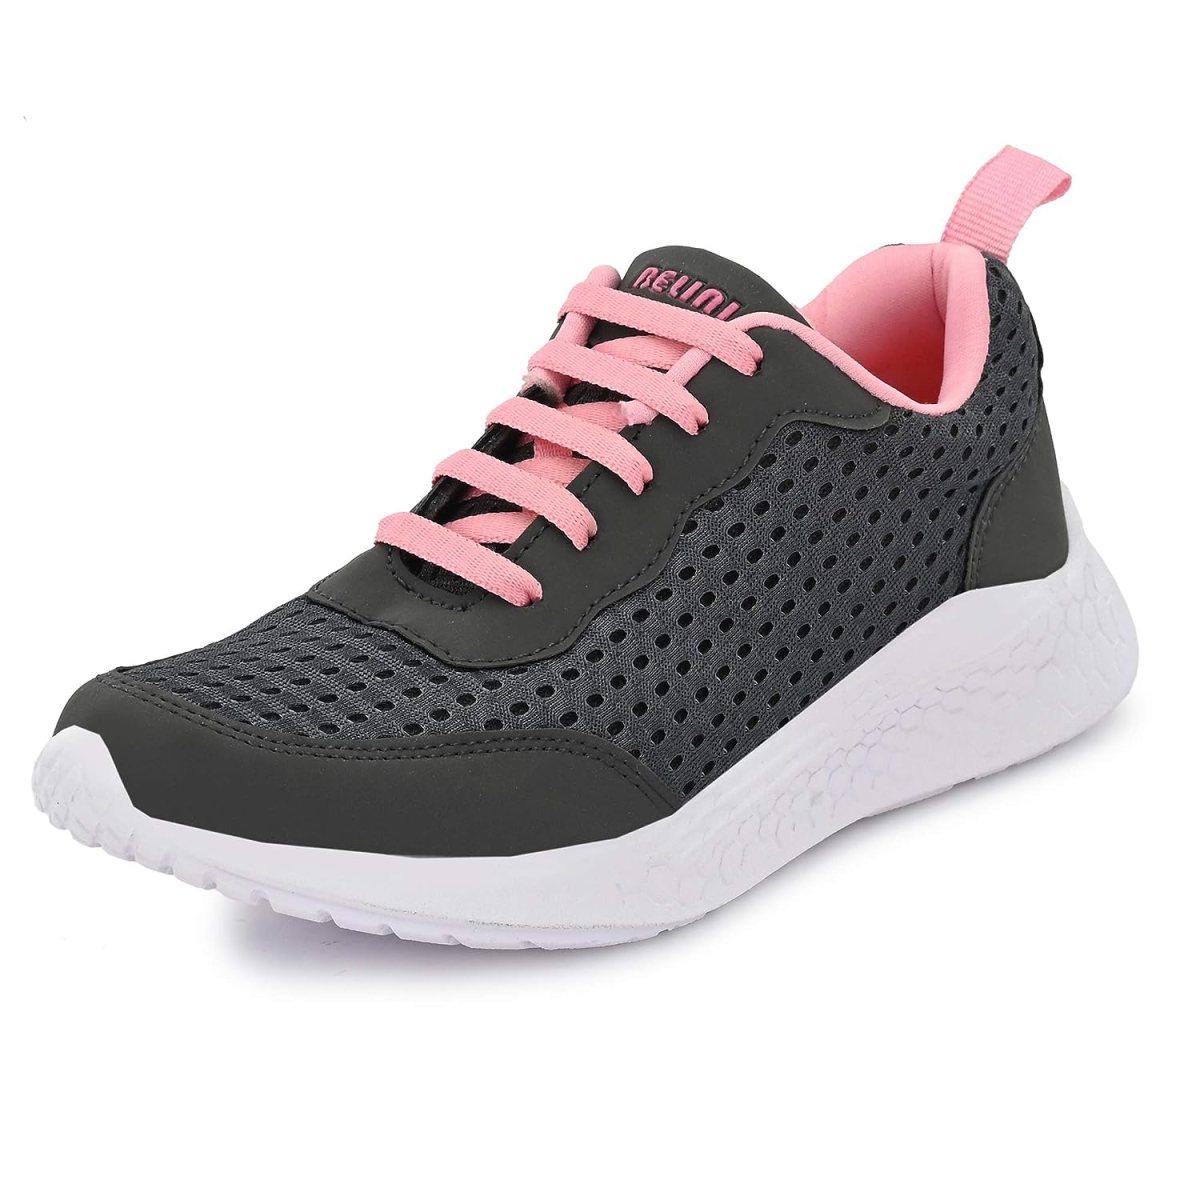 Belini Women's Grey Running Shoes